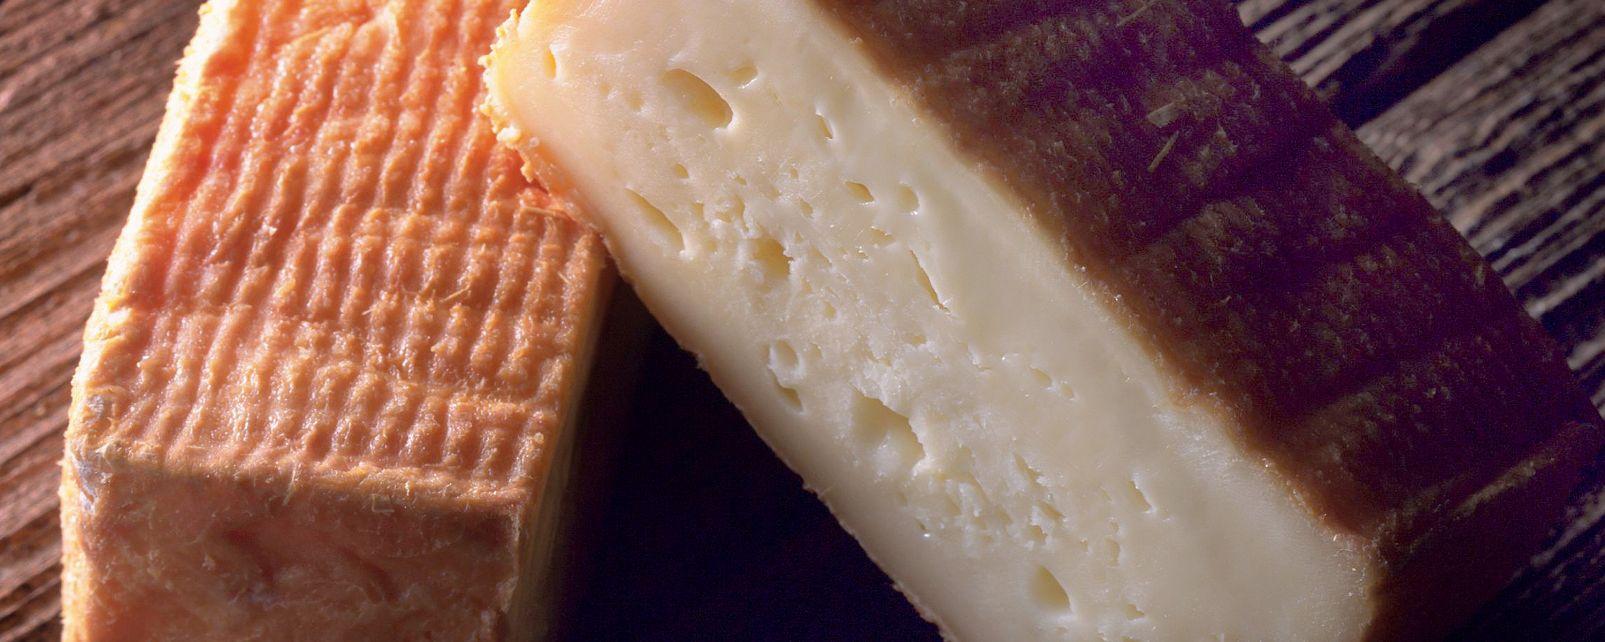 Lonchas de Maroilles, El Maroilles, Gastronomía, Norte-Pas-de-Calais